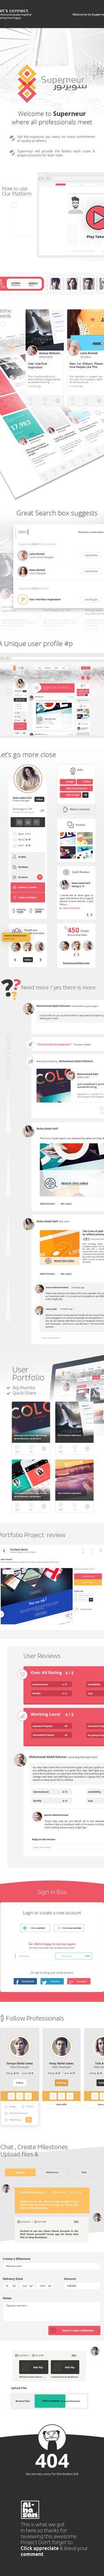 Superneur UX/UI Platform